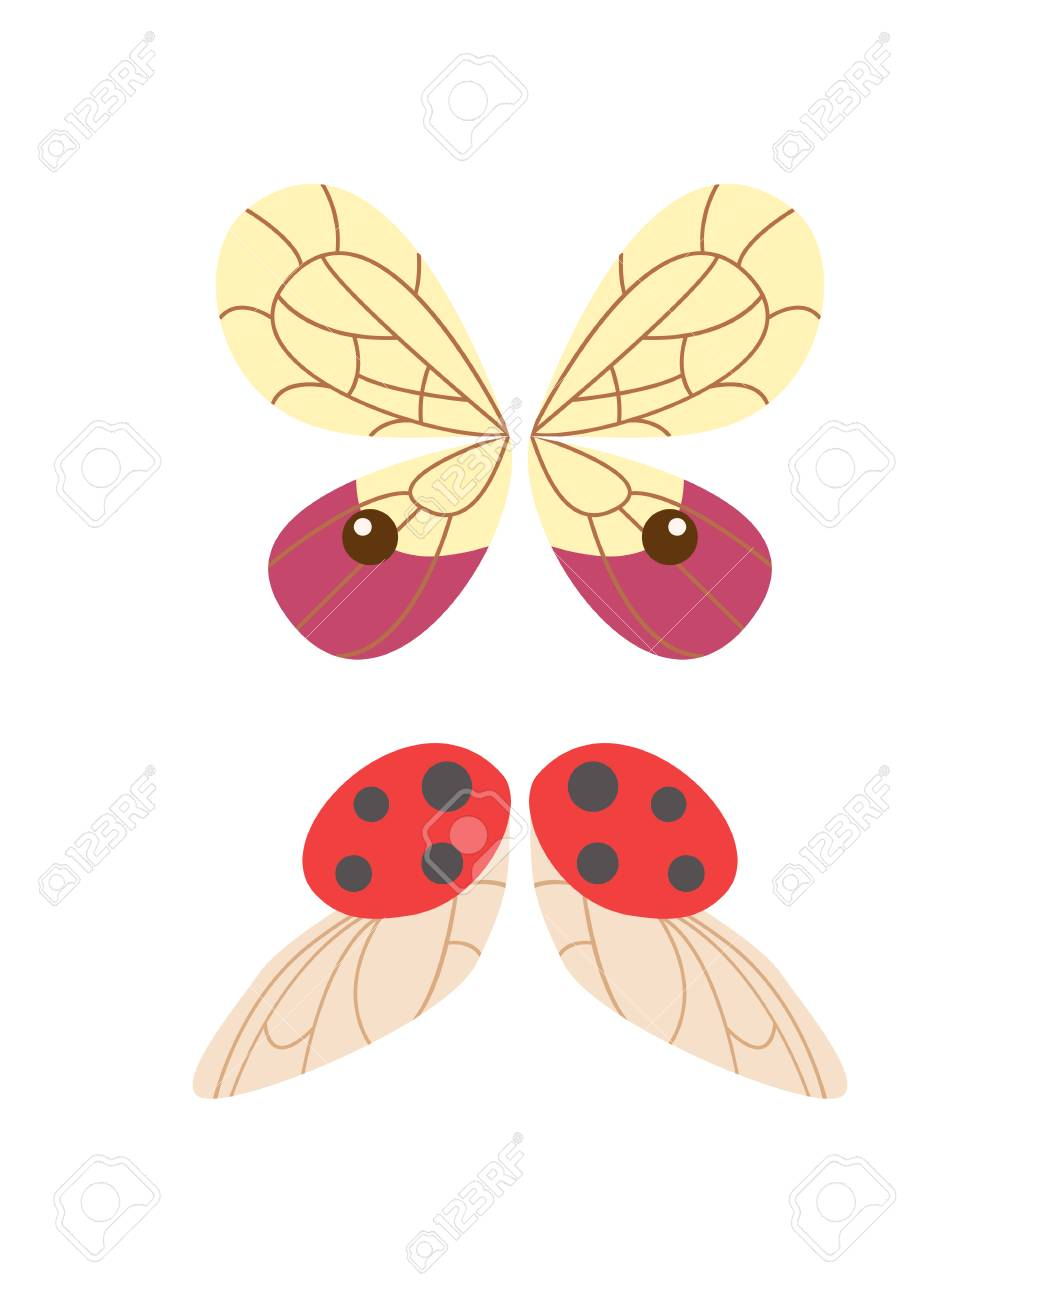 Ungewöhnlich Die Anatomie Eines Schmetterlings Fotos - Menschliche ...